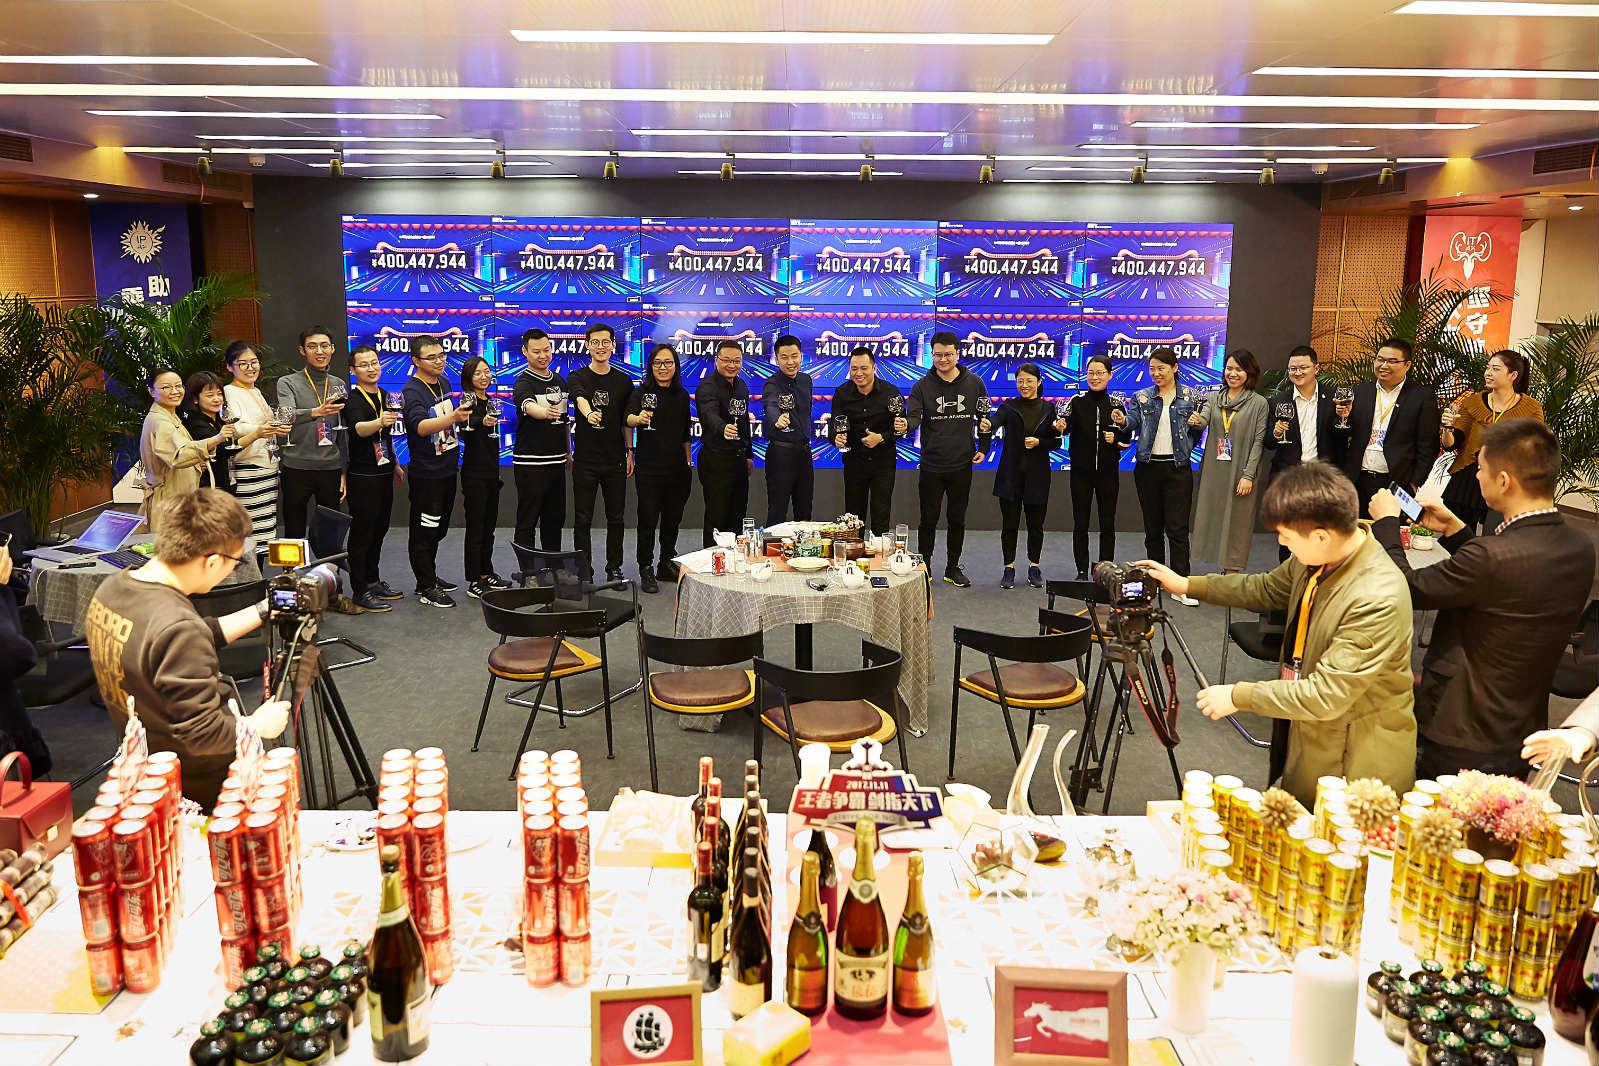 海澜之家天猫双11突破4亿,海澜之家总裁周立宸出席_meitu_8